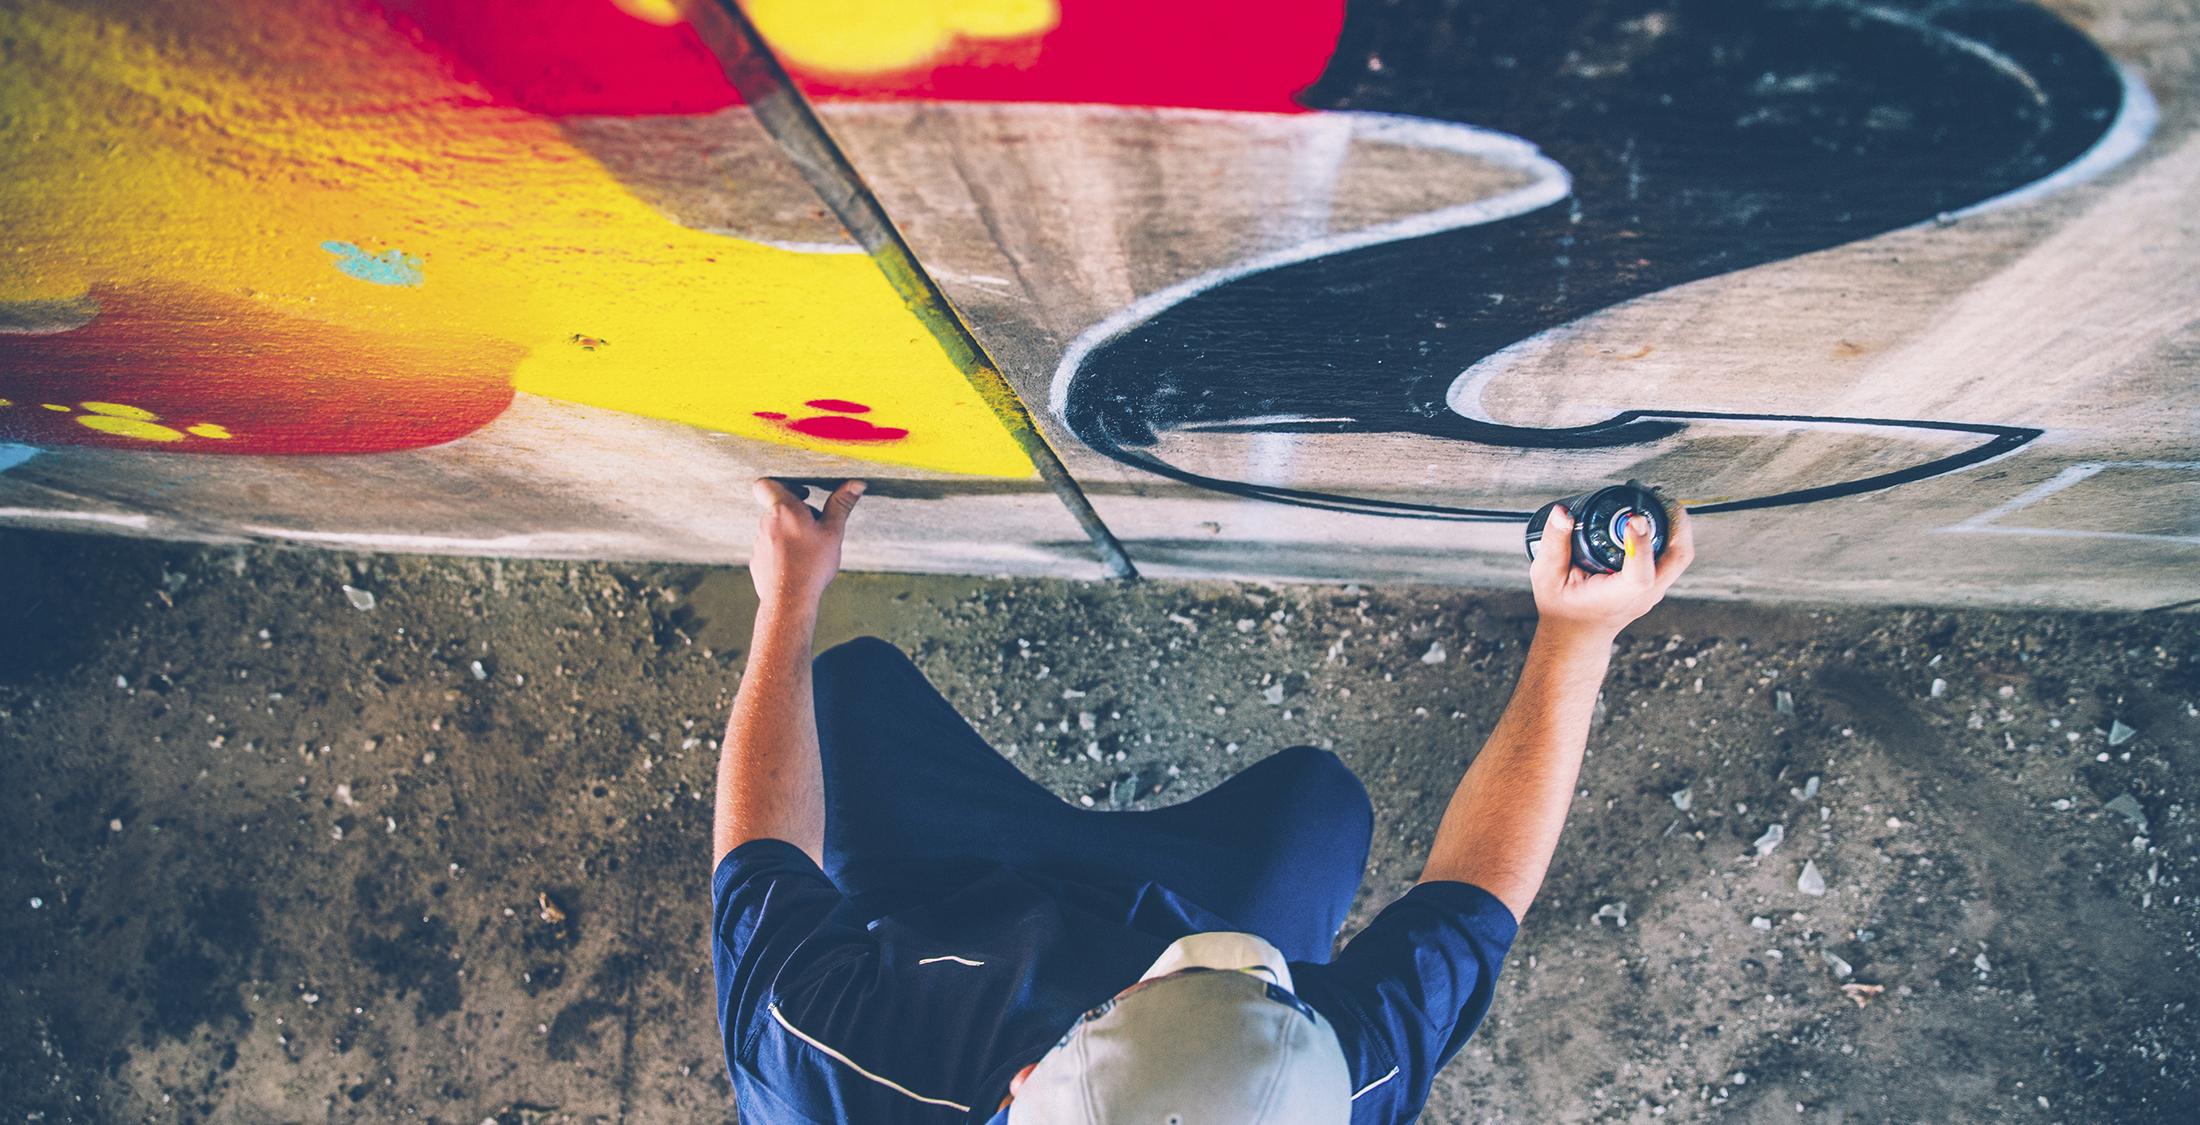 give graffiti a chance